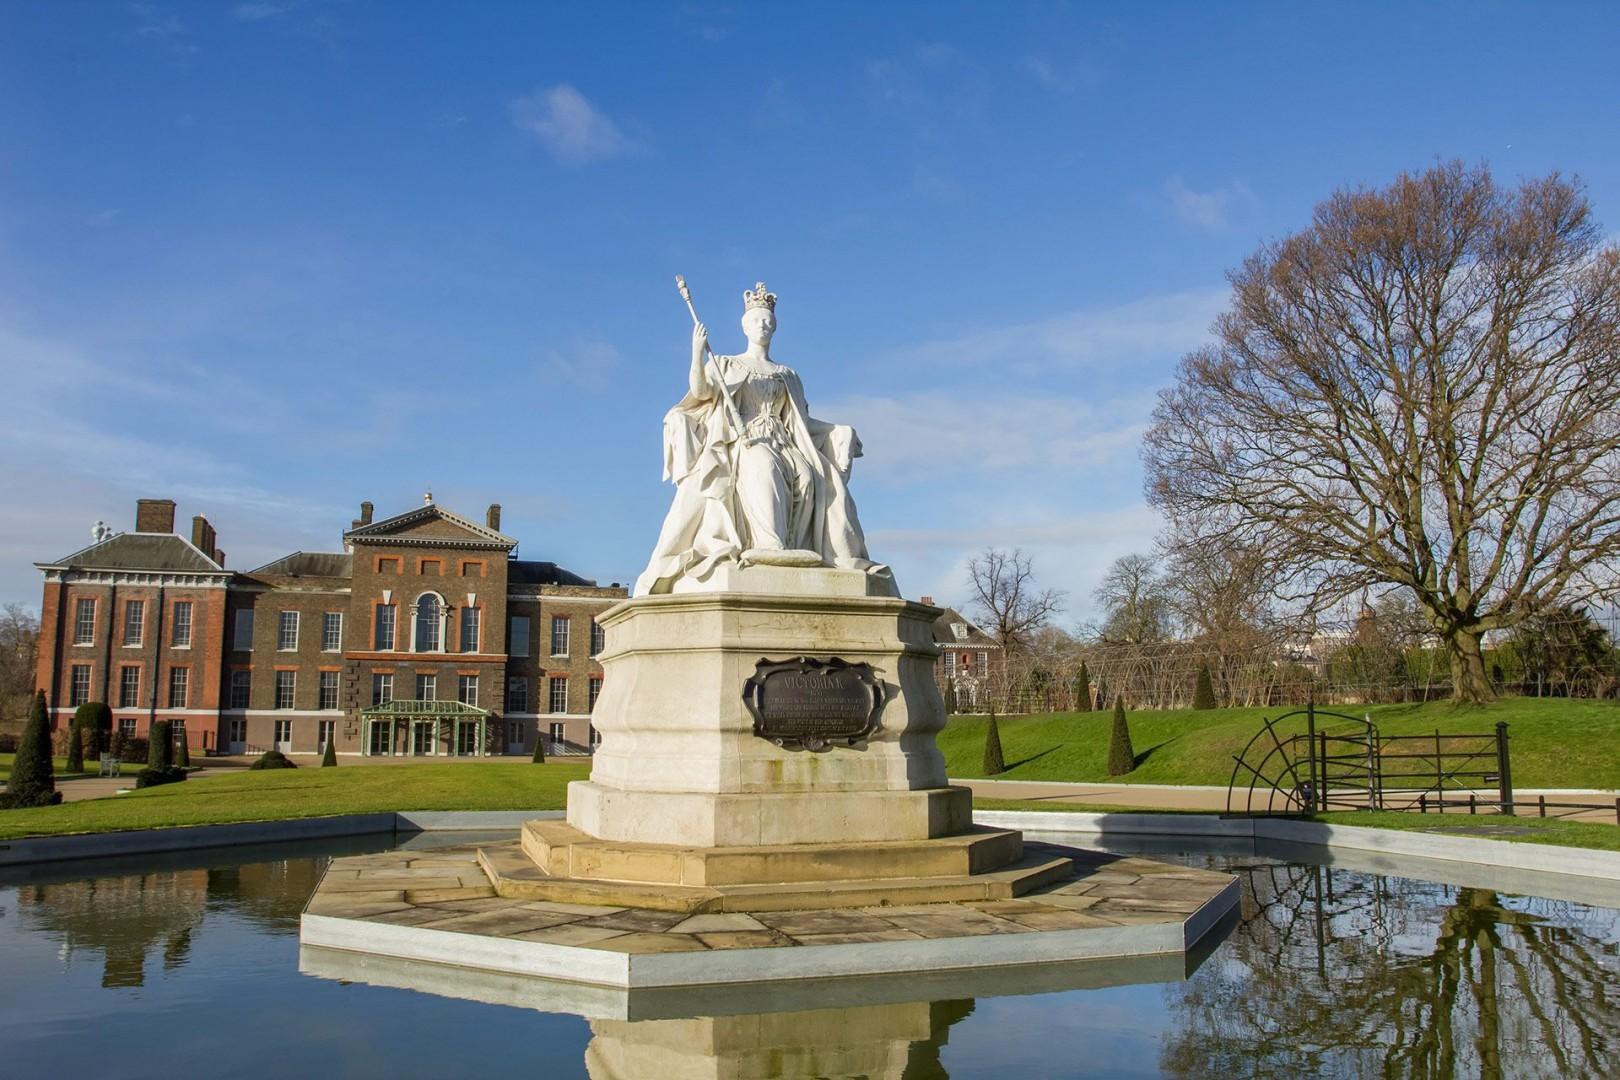 CMS-44-(Kensington palace and gardens)-388112294-1533213966-kensington-palace-fountain